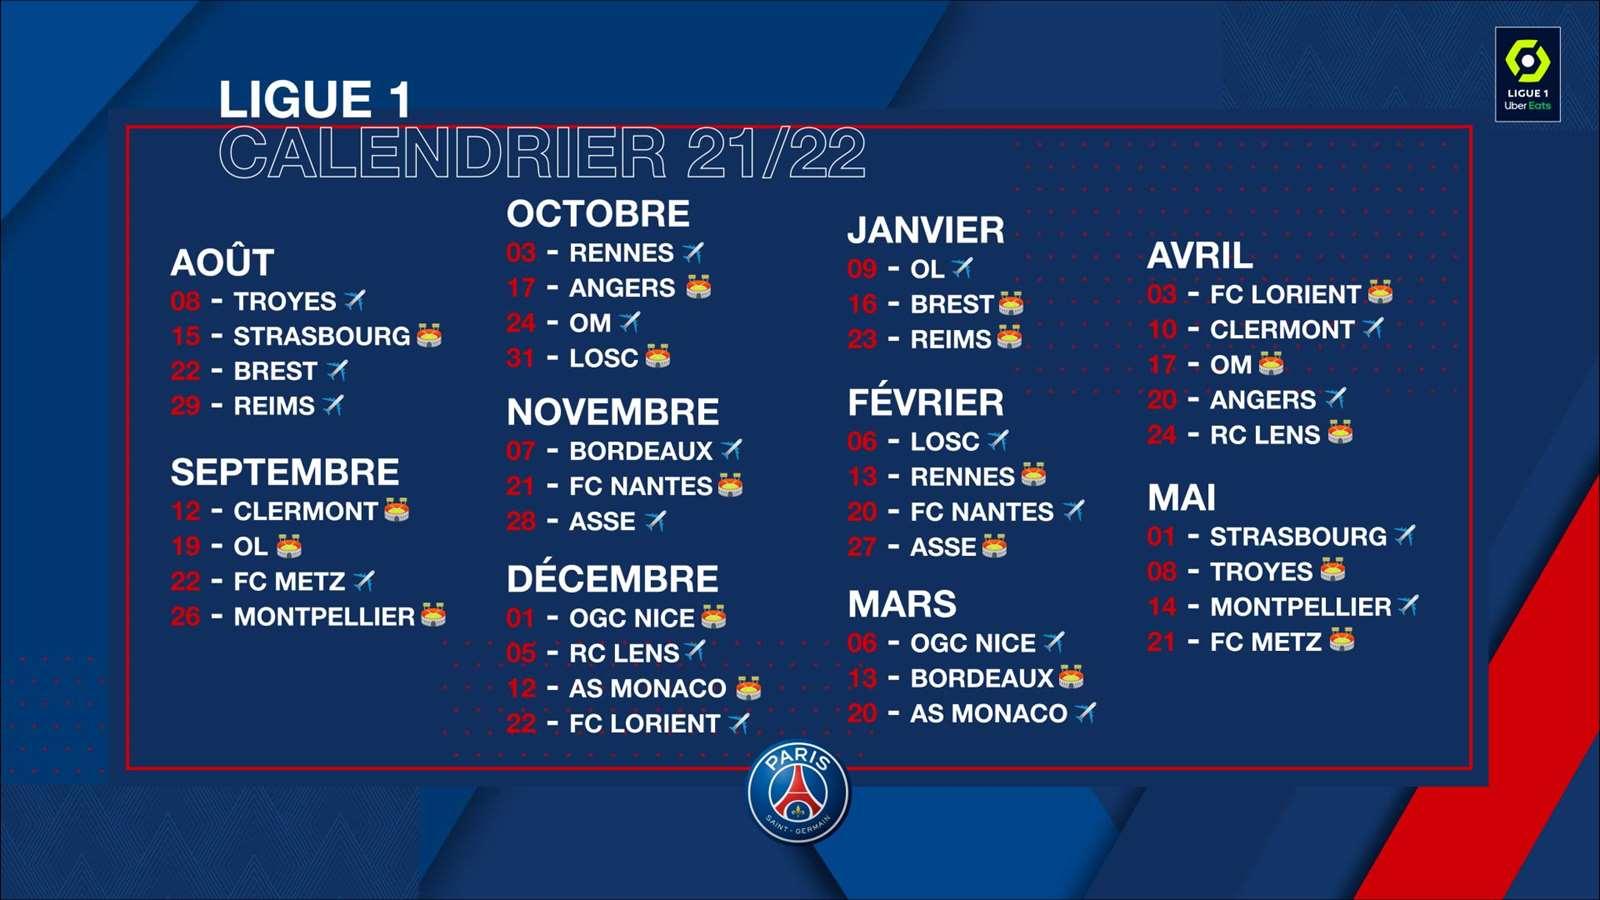 Calendrier Match Ol 2022 Ligue 1 fixture list unveiled! | Paris Saint Germain